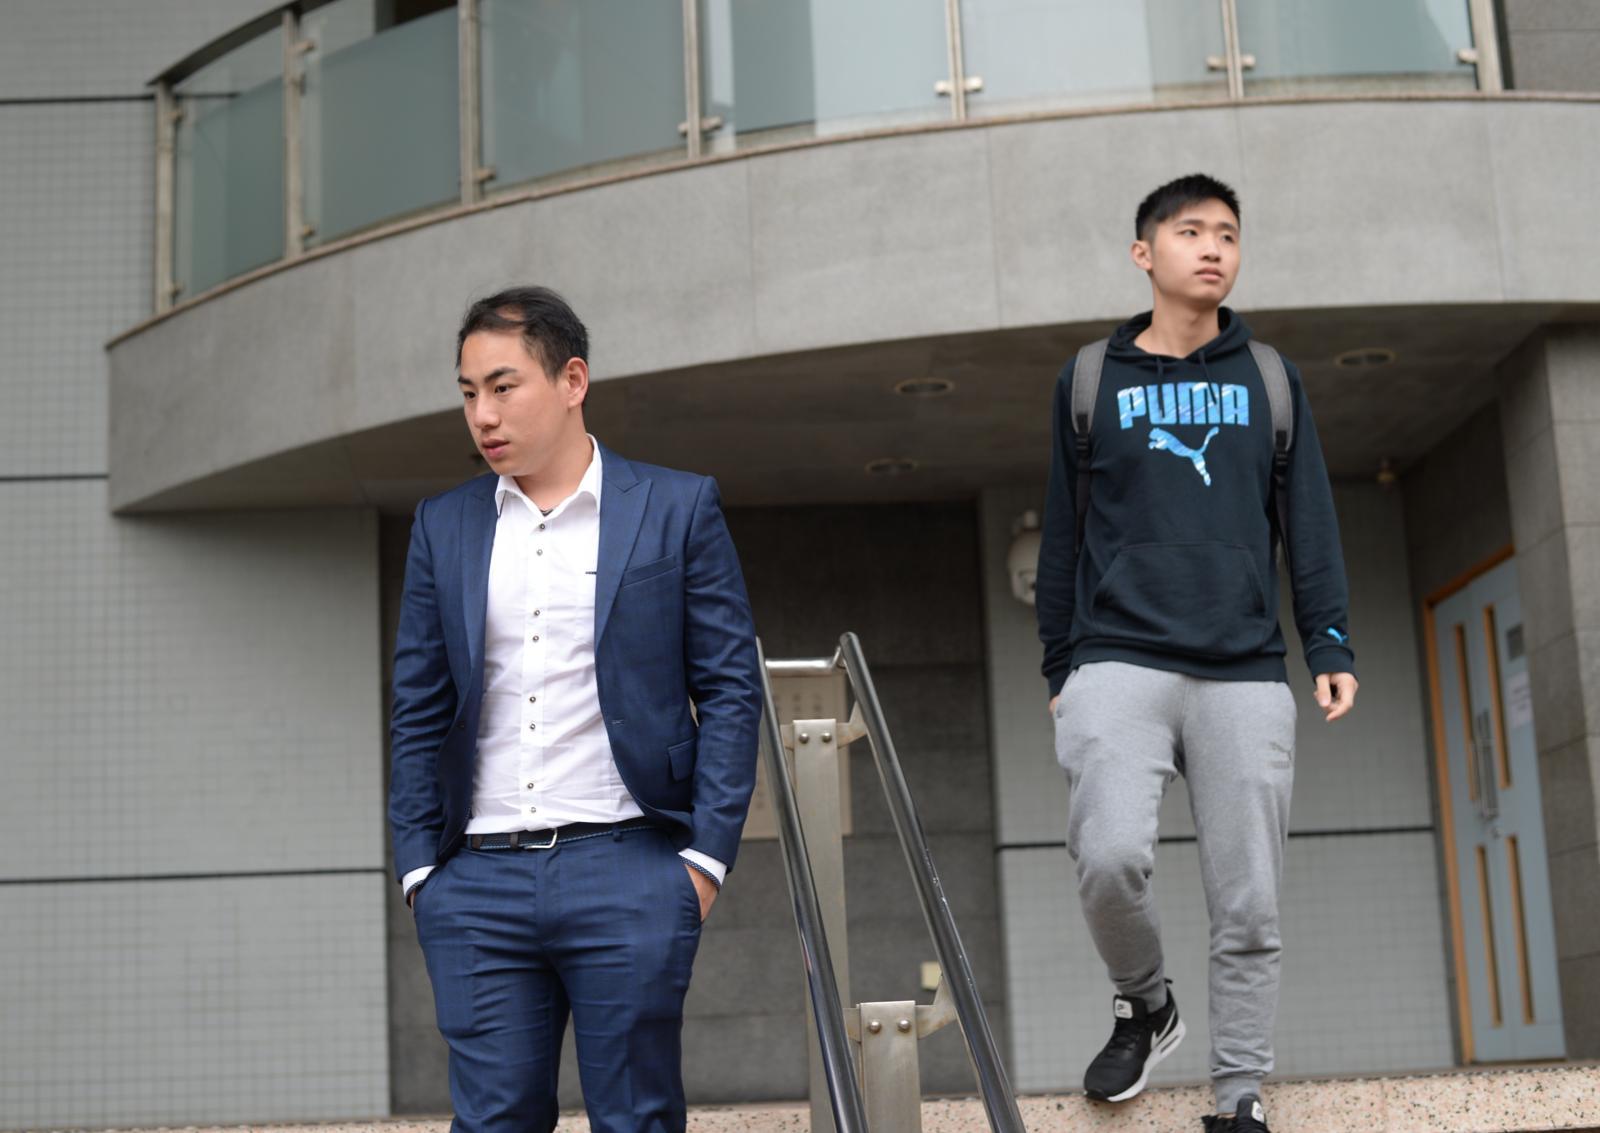 法官將案件押後至5月14日,為索取兩人社會服務令報告。涉案被告黃俊偉(左)、張昀浩(右)